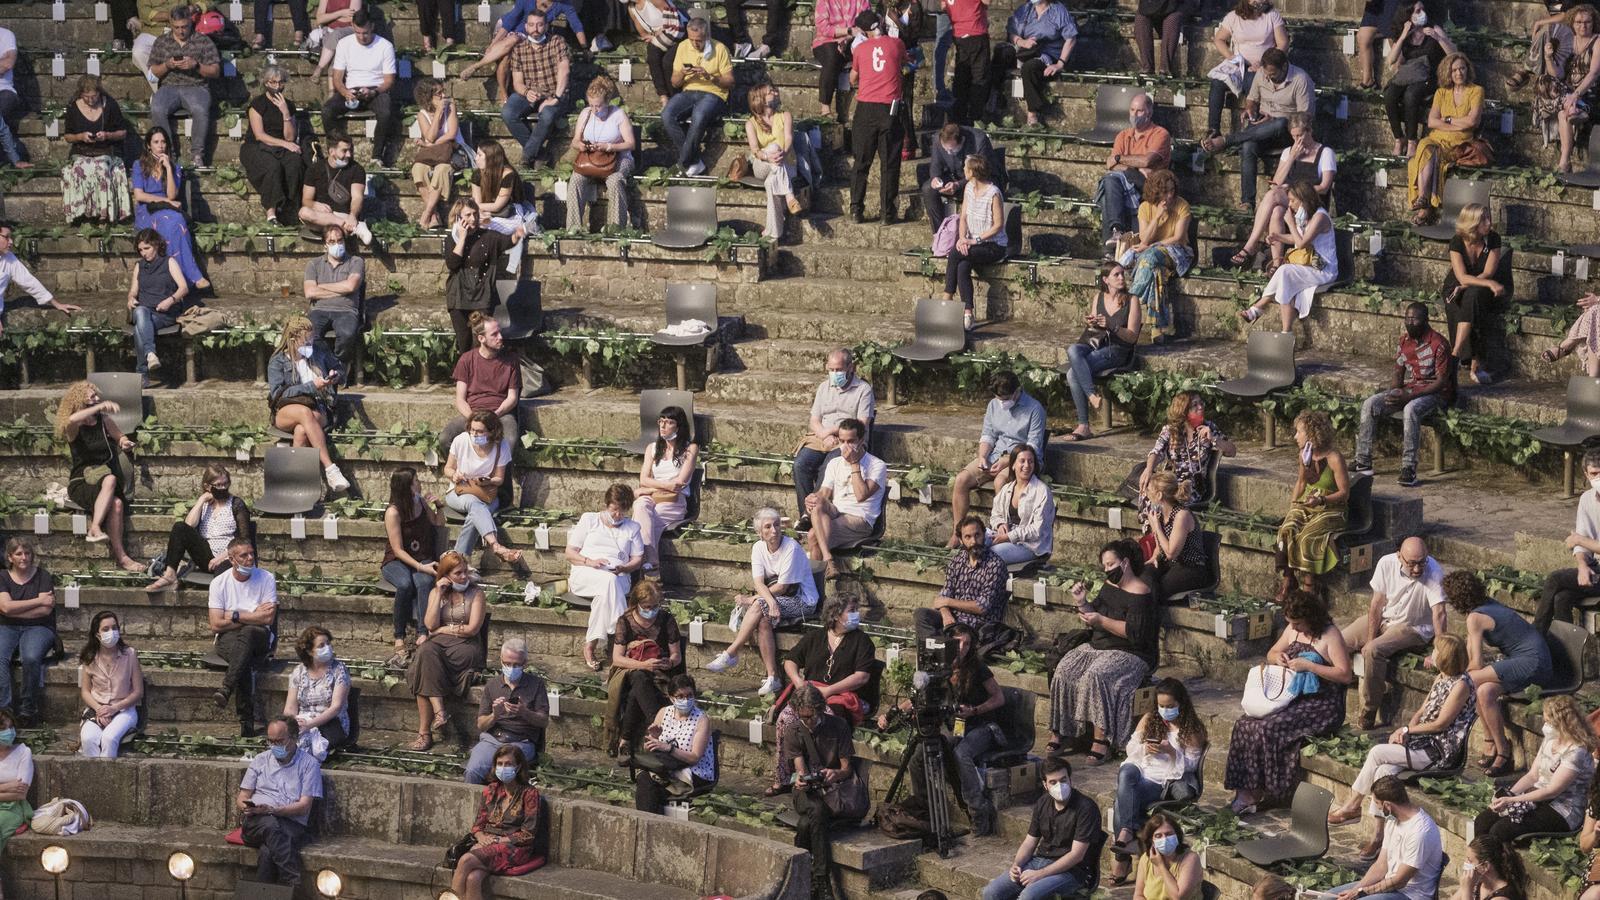 El públic que ahir va assistir al Teatre Grec de Barcelona, es va trobar amb una disposició dels seients molt poc habitual per tal de poder mantenir  la distància de seguretat